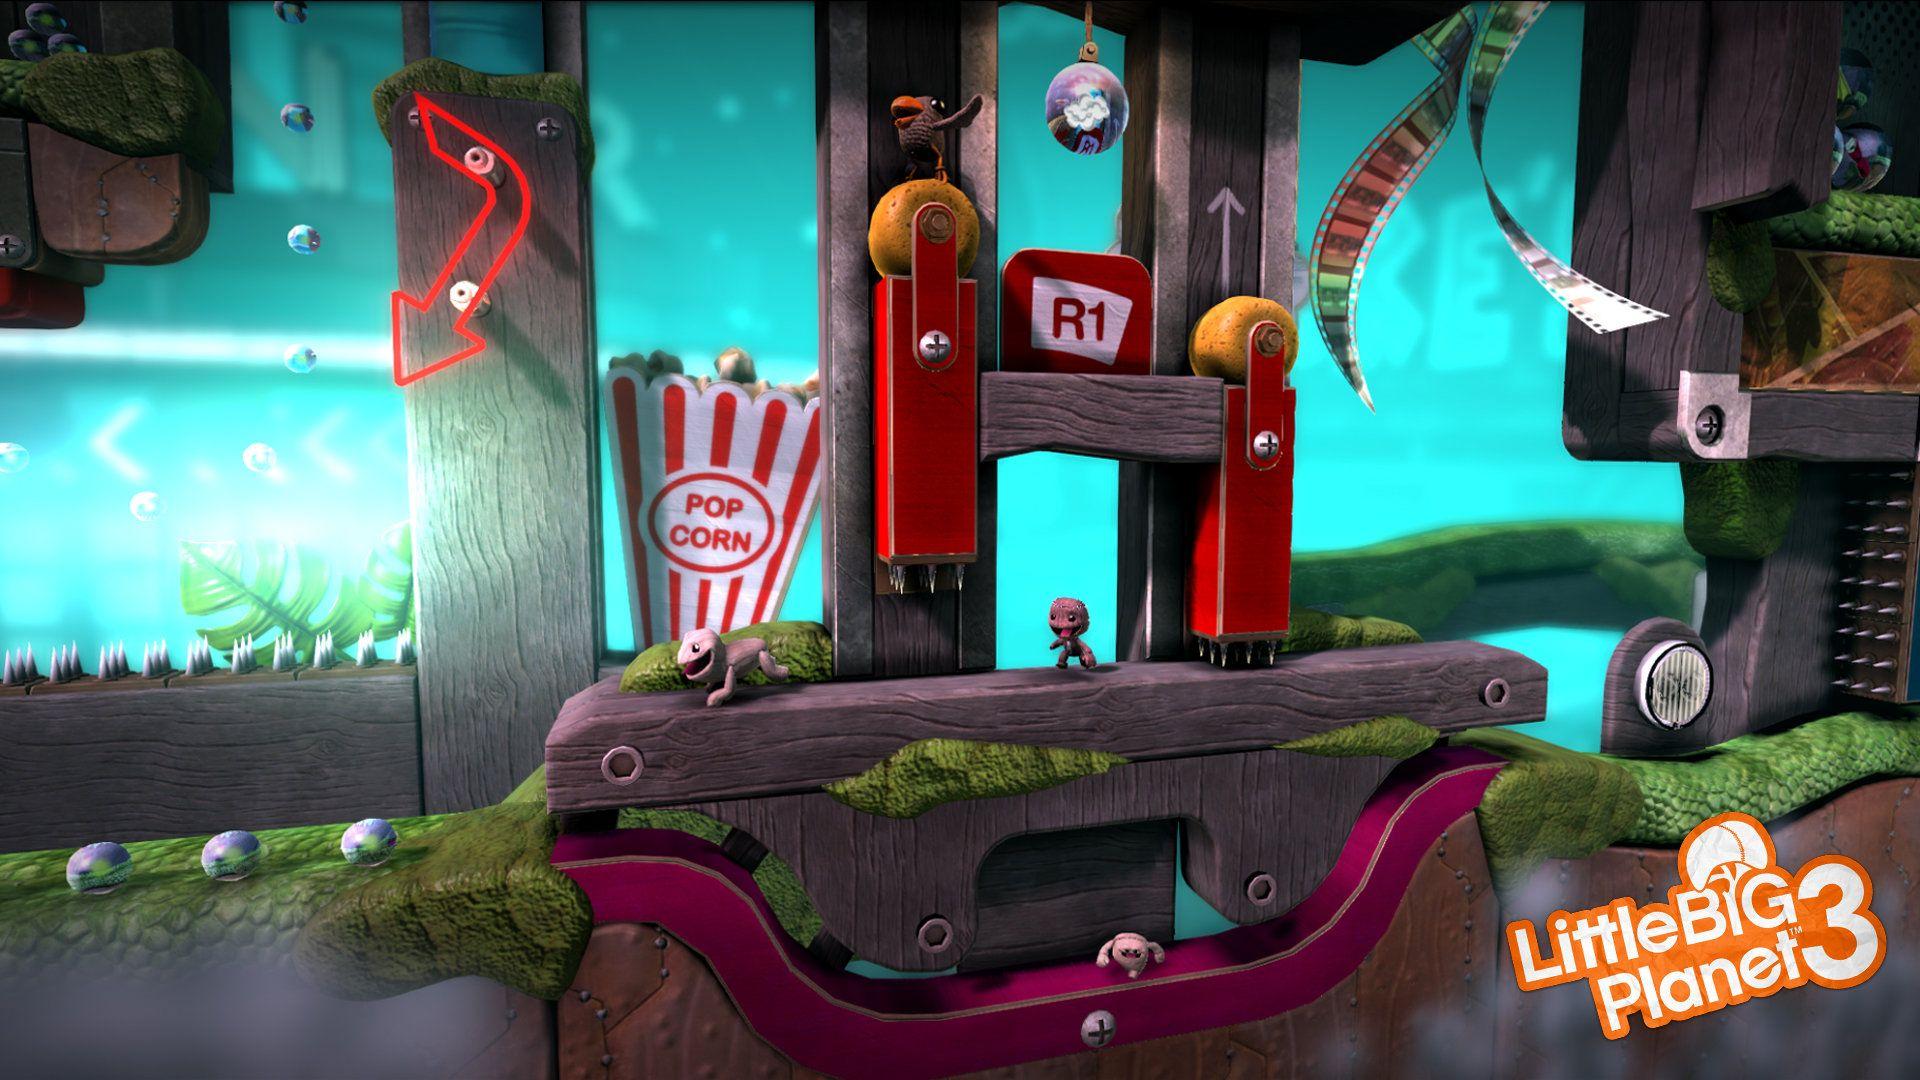 Little big planet 2 скачать торрент на компьютер.